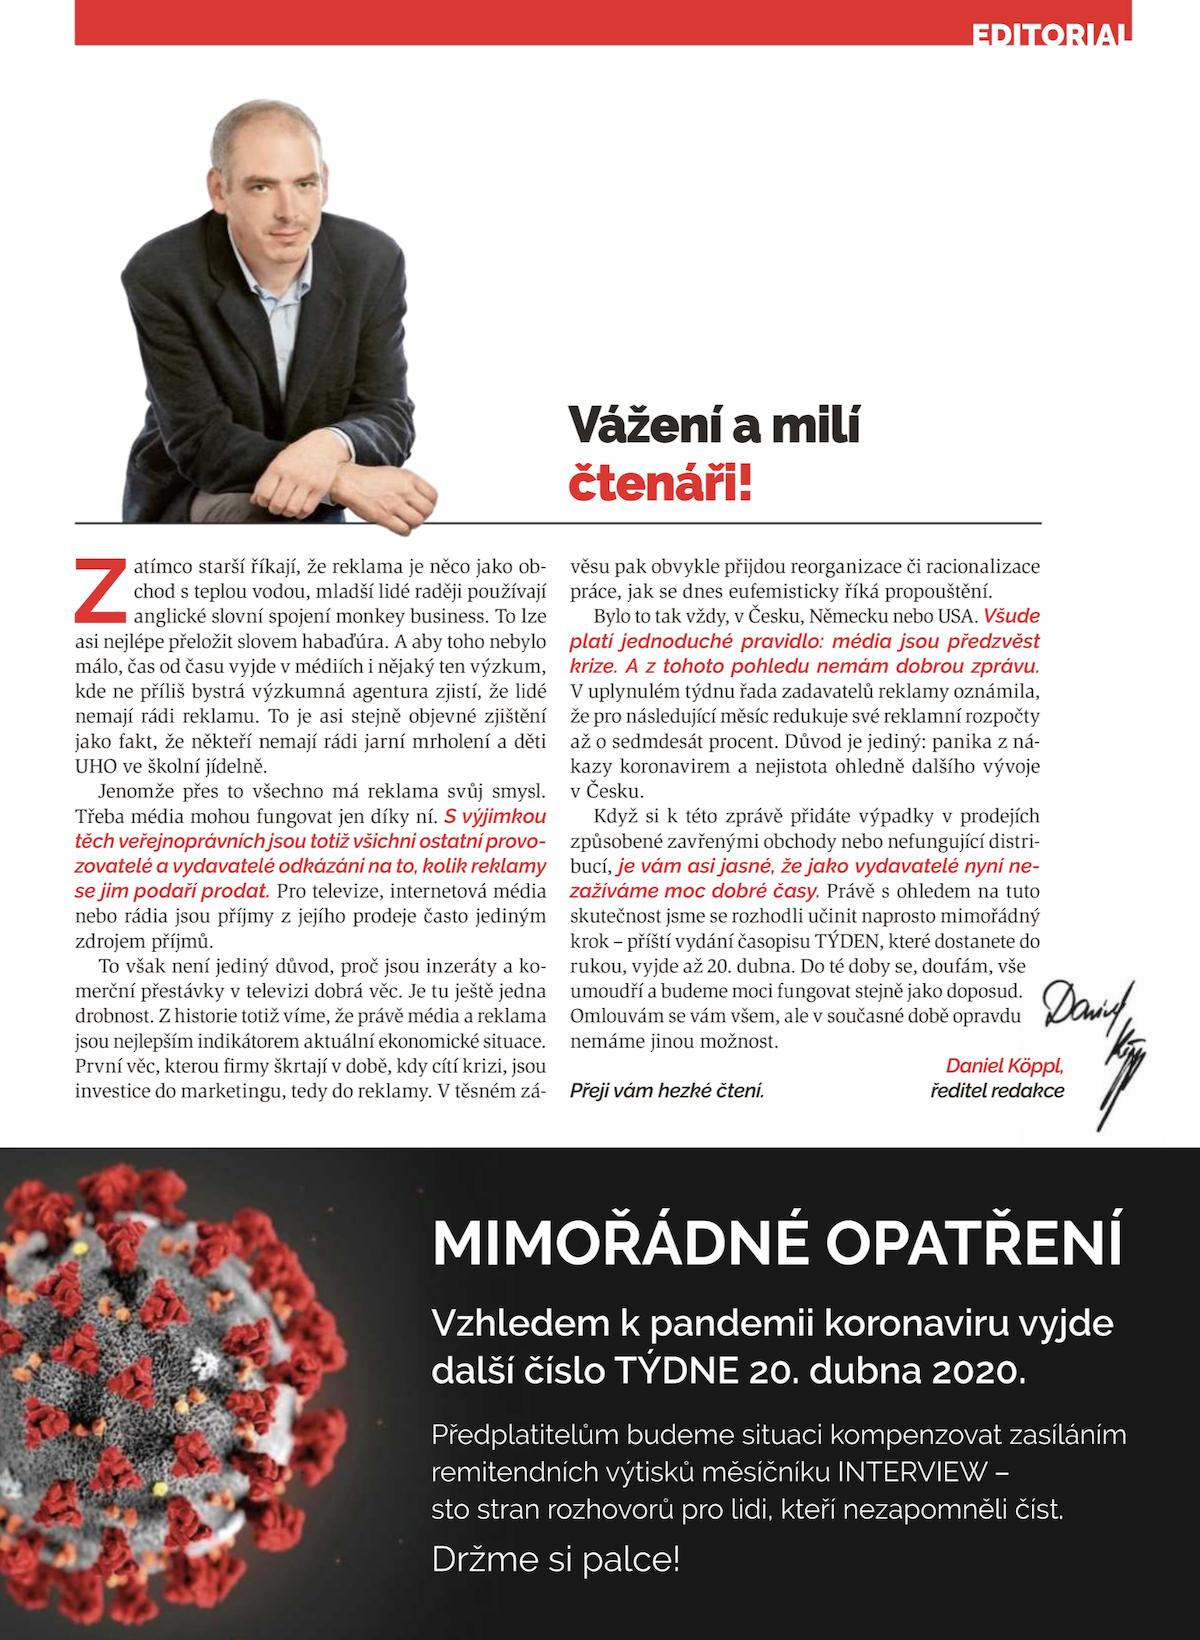 Editorial ředitele redakce Daniela Köppla v aktuálním vydání Týdnu